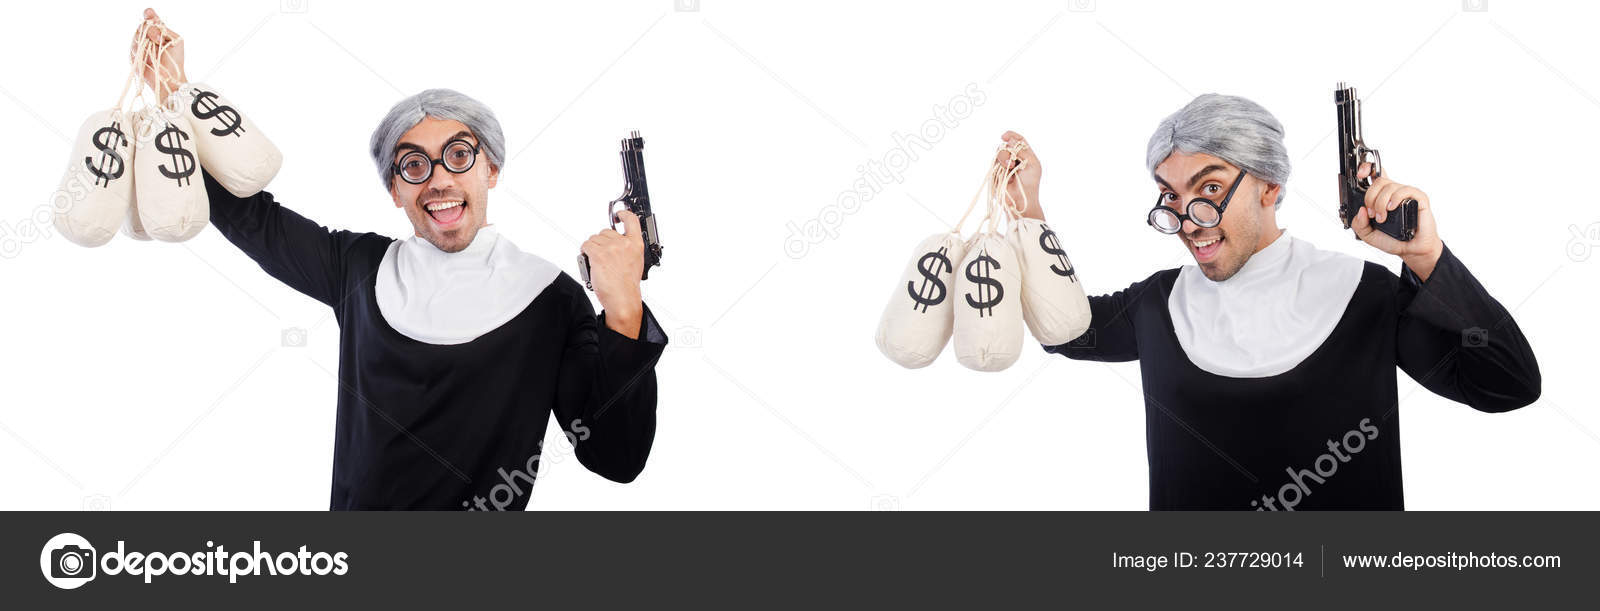 Hombre Vestido De Monja Con Arma De Fuego Y Saquitos Foto